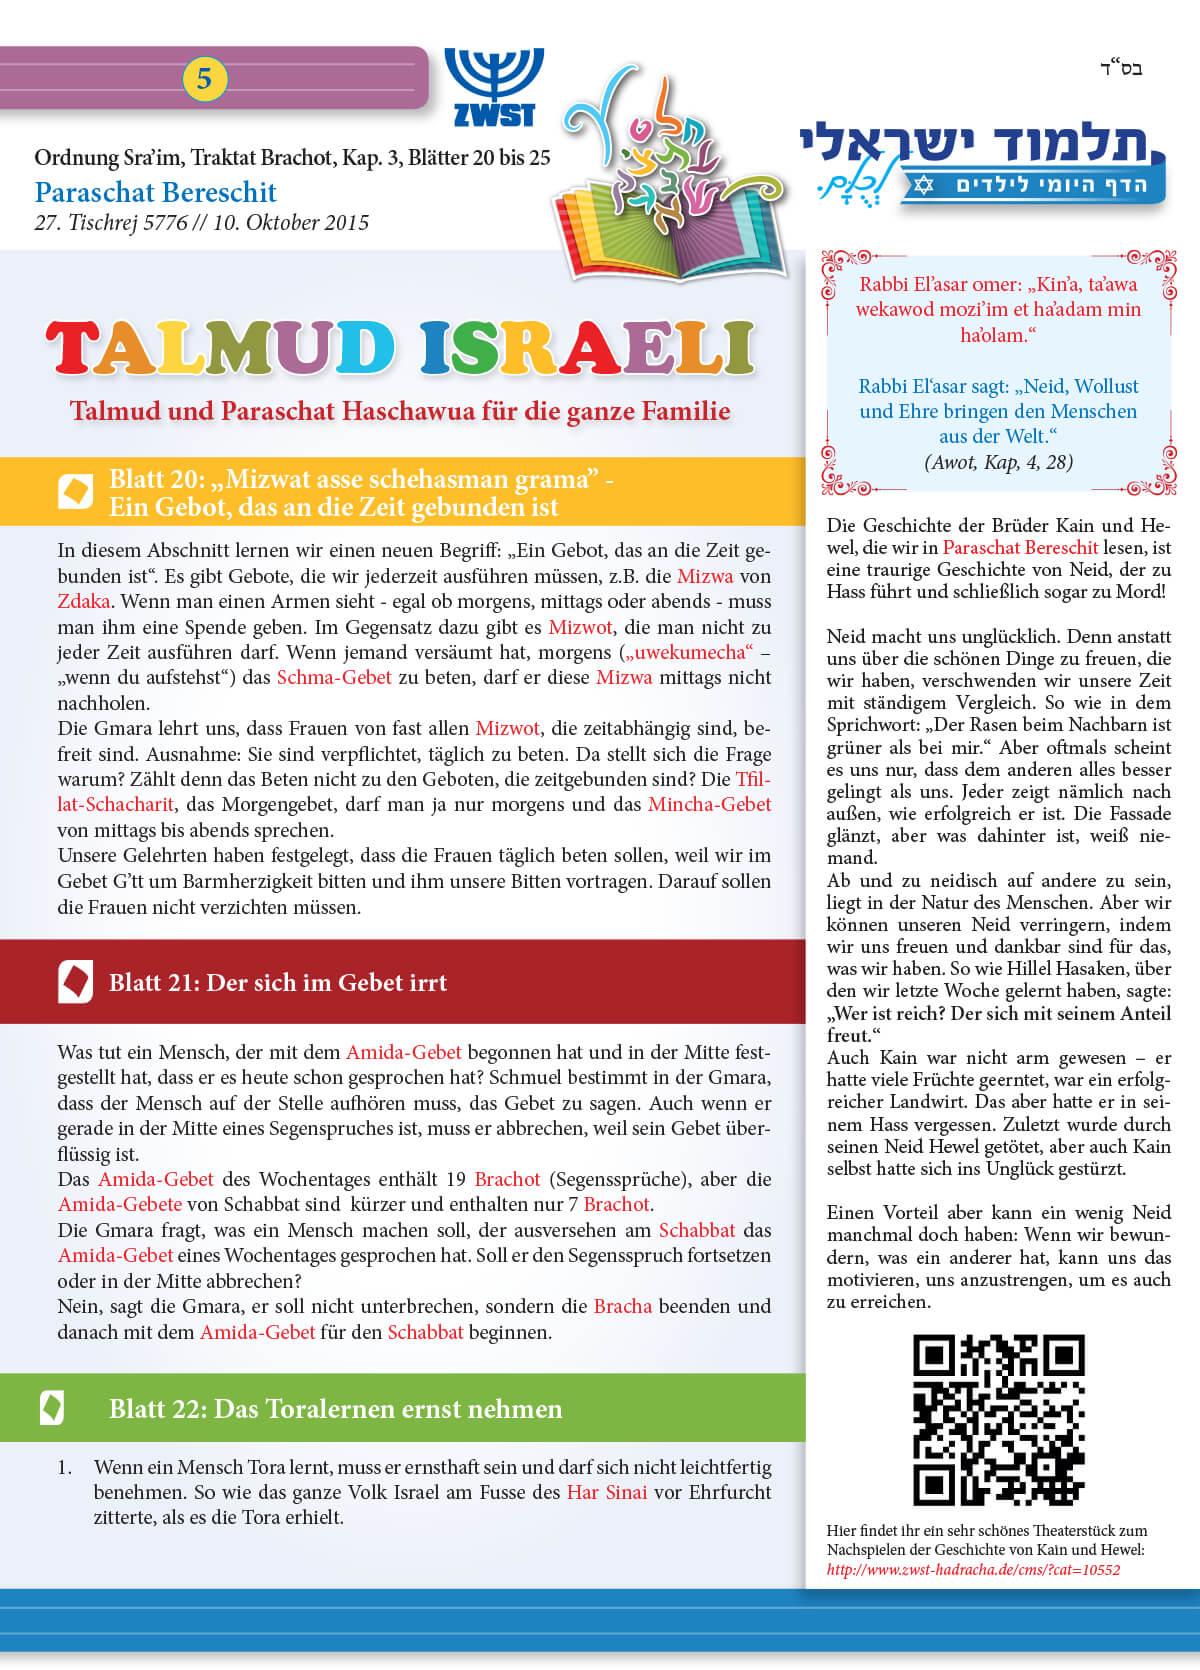 005-talmud-israeli-bereshit-einzelseiten-1